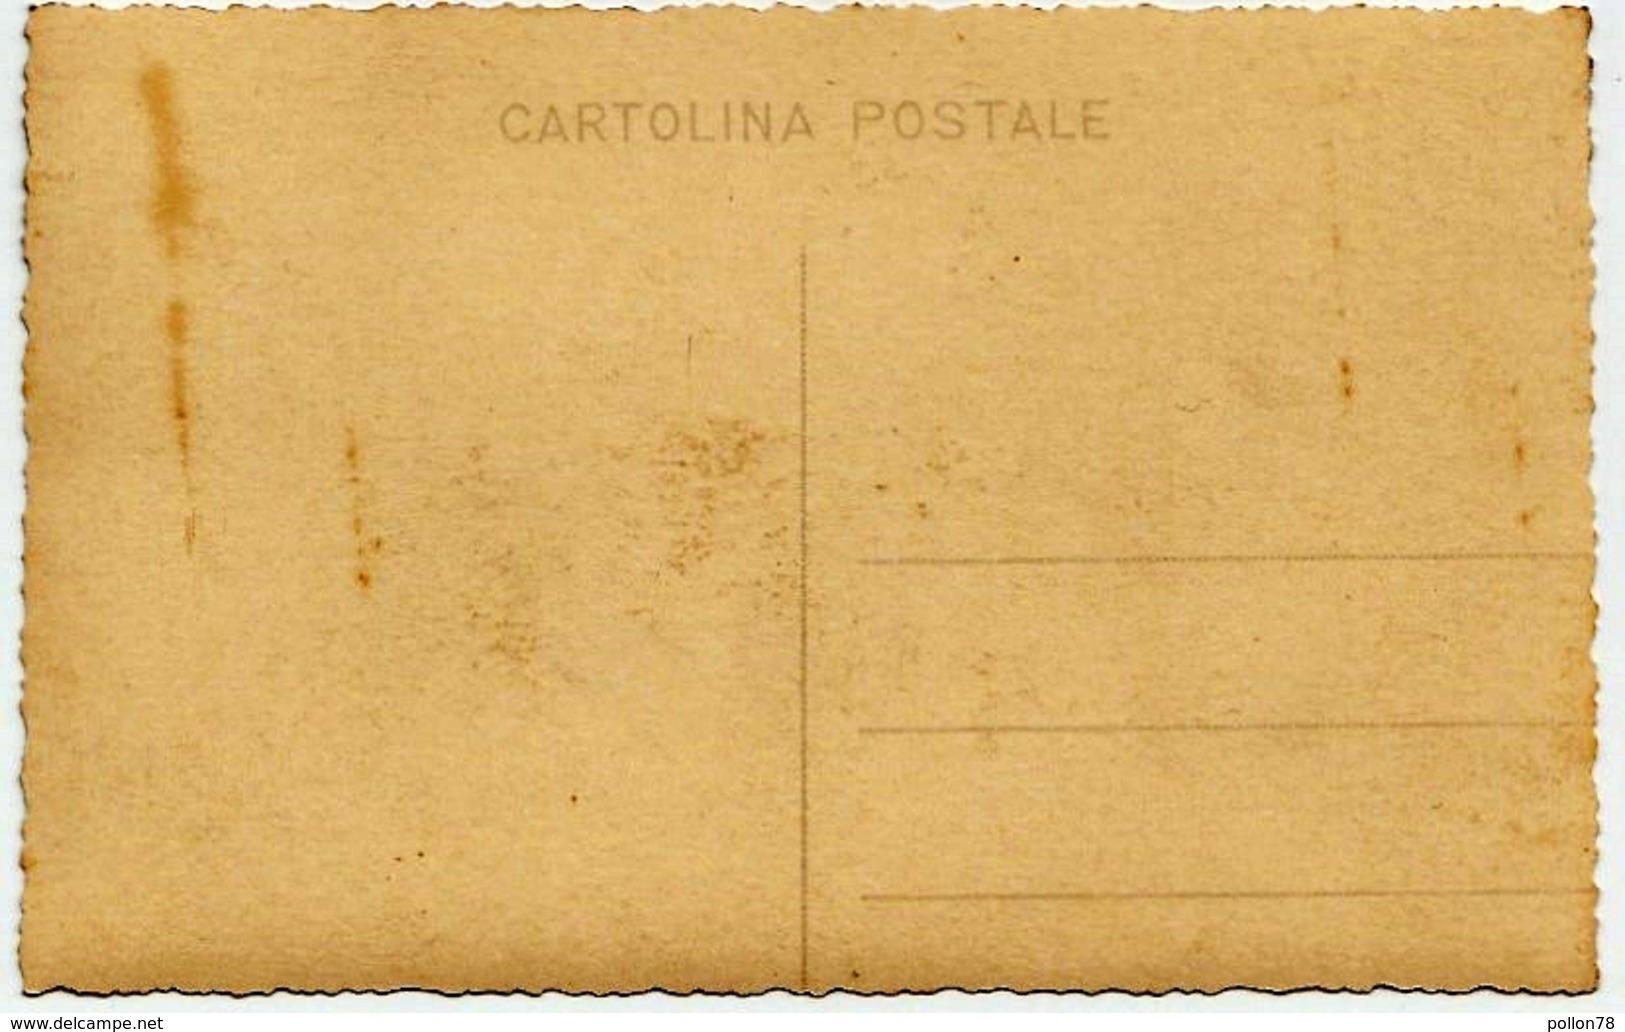 FOTOGRAFIA - CORSA CICLISTICA - ANNI '30 - ZONA TOSCANA - Vedi Retro - Ciclismo